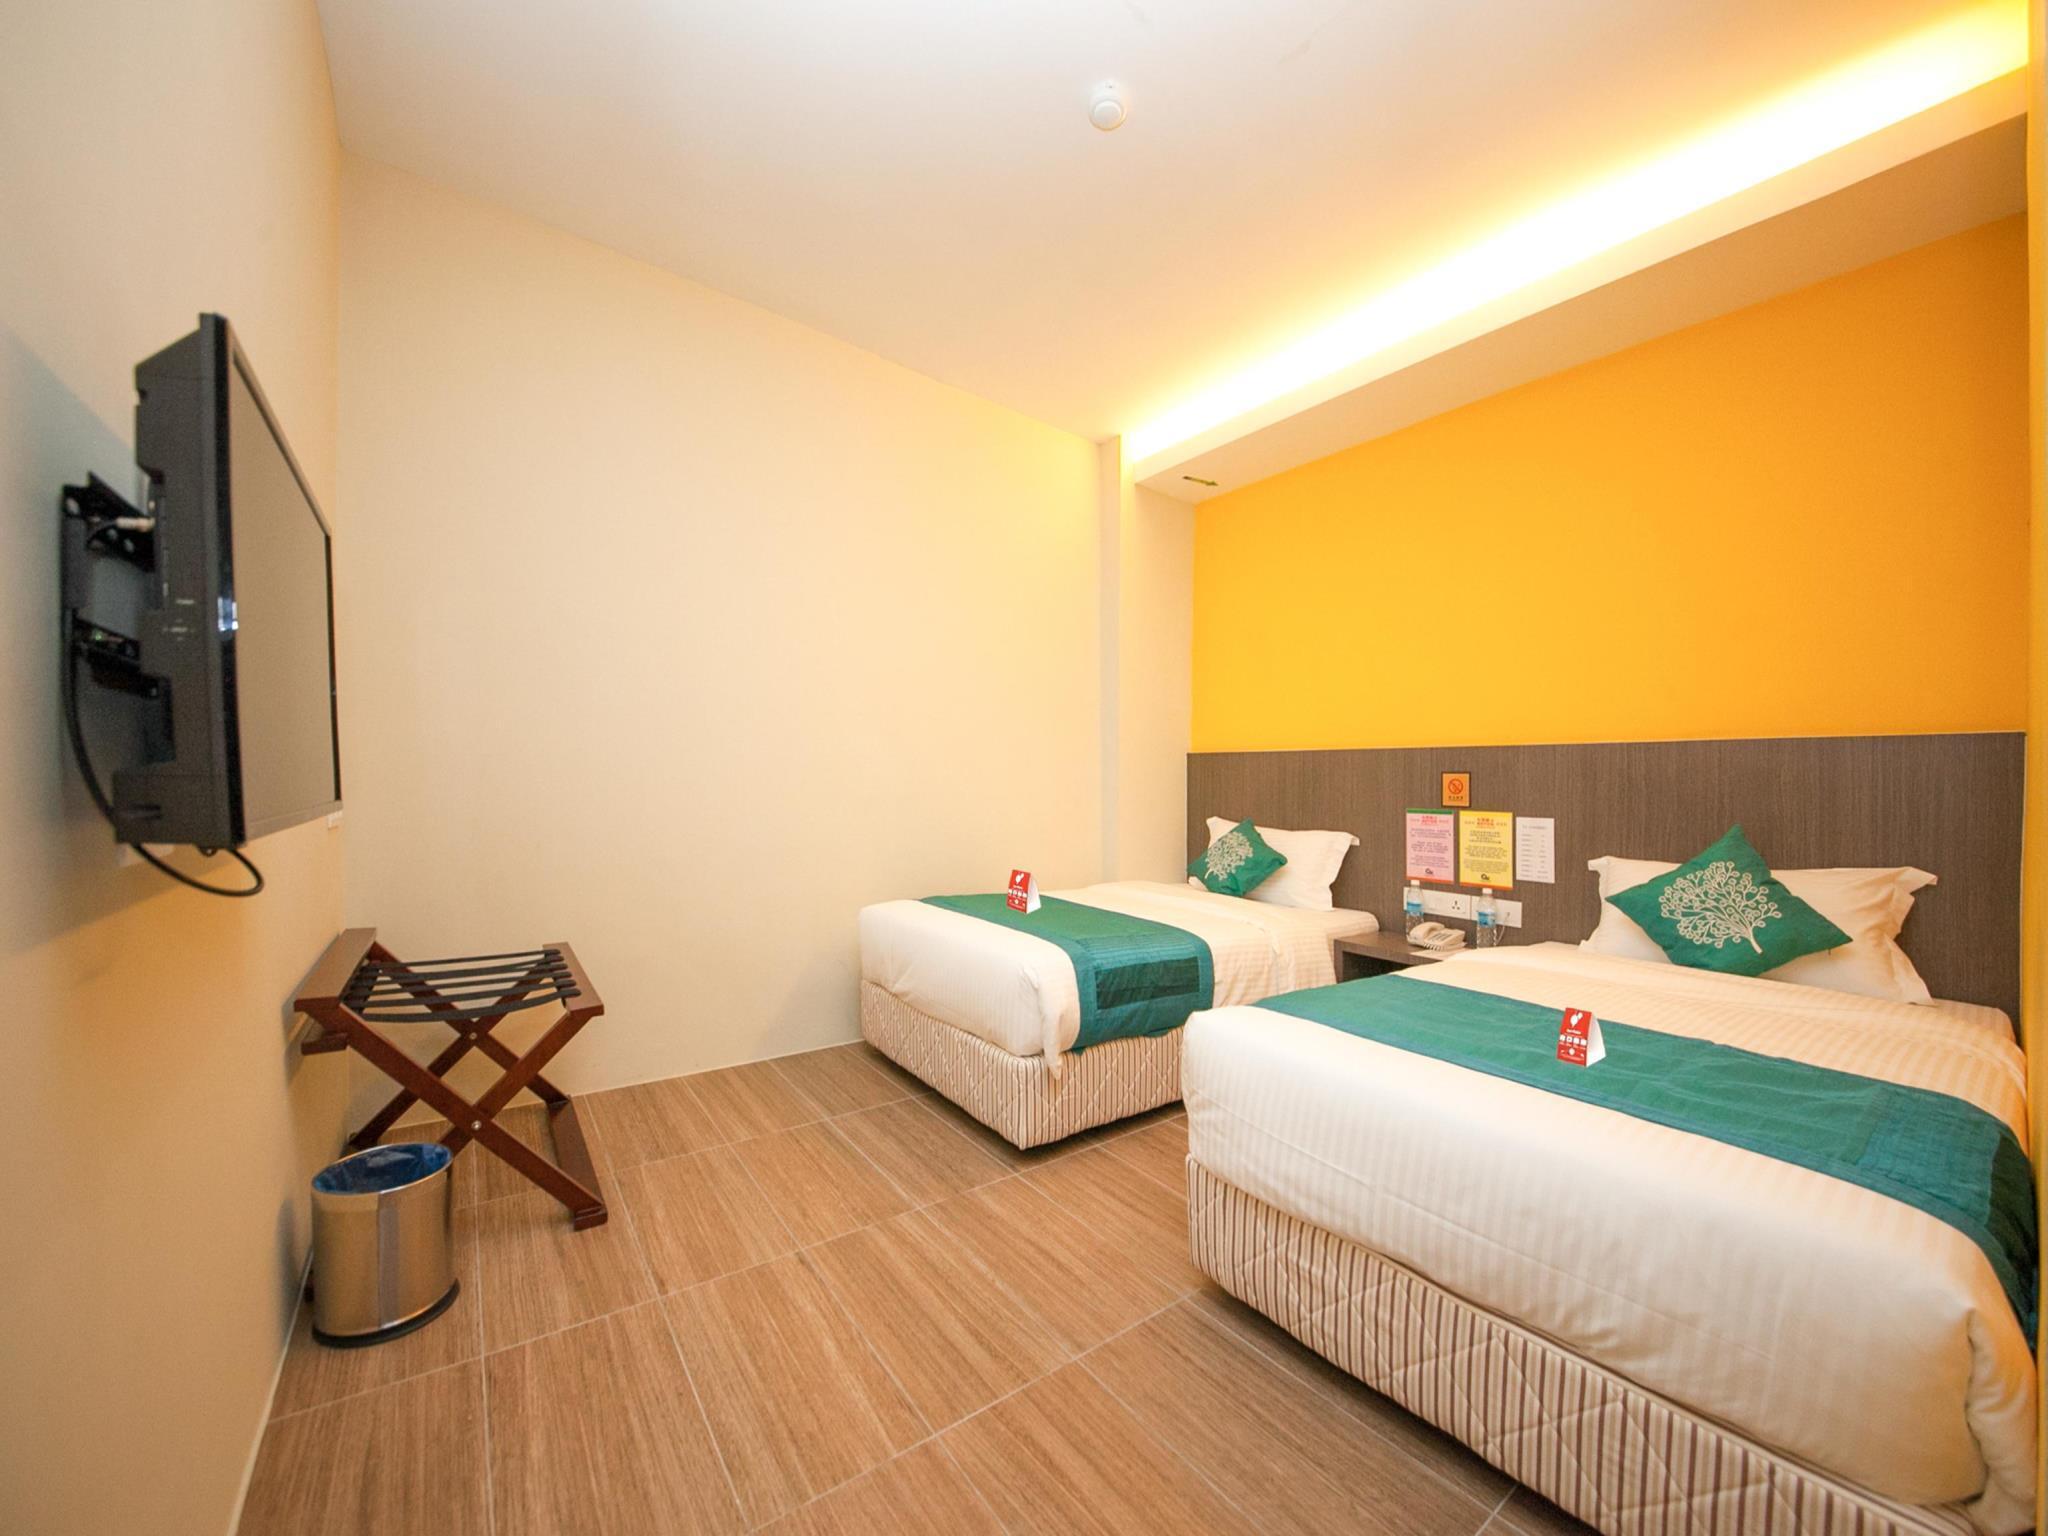 OYO Rooms Jalan Tun Razak, Kota Kinabalu